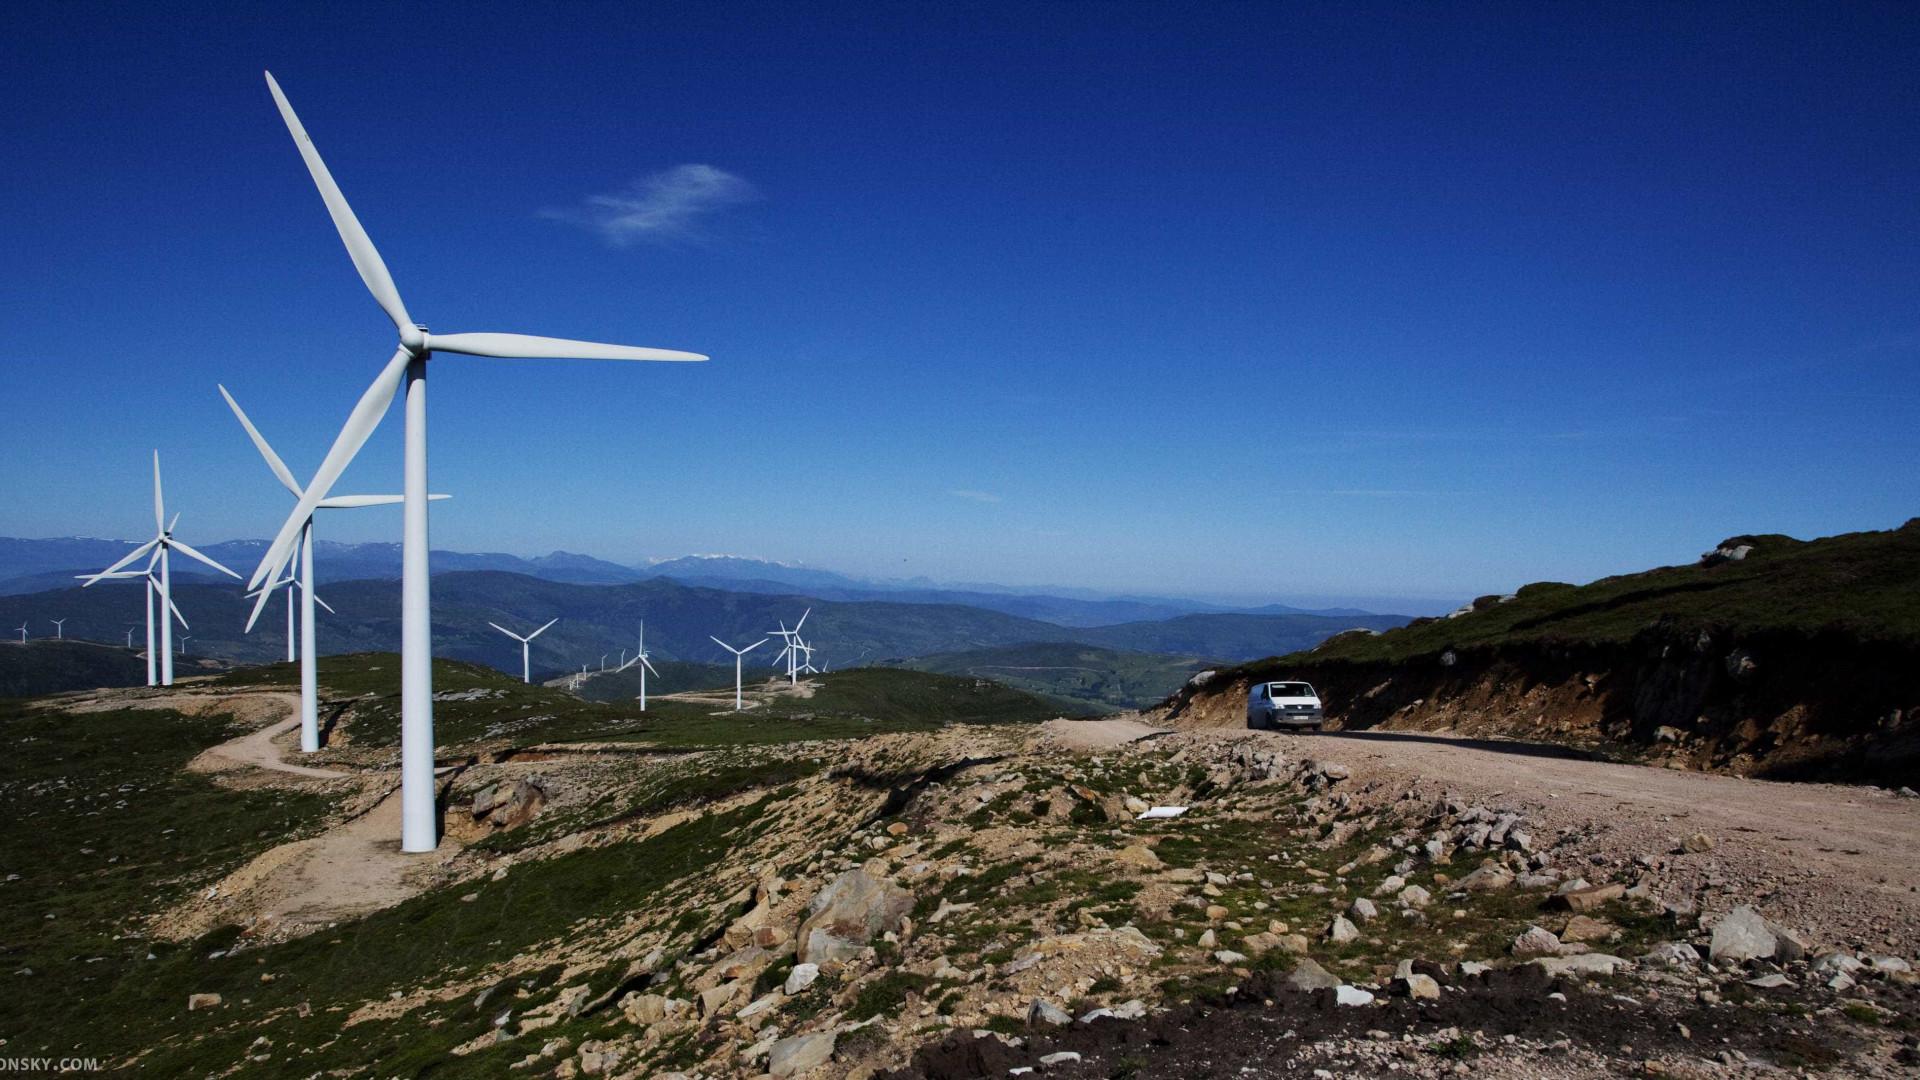 Produção de eletricidade renovável poupa 265 milhões em sete anos